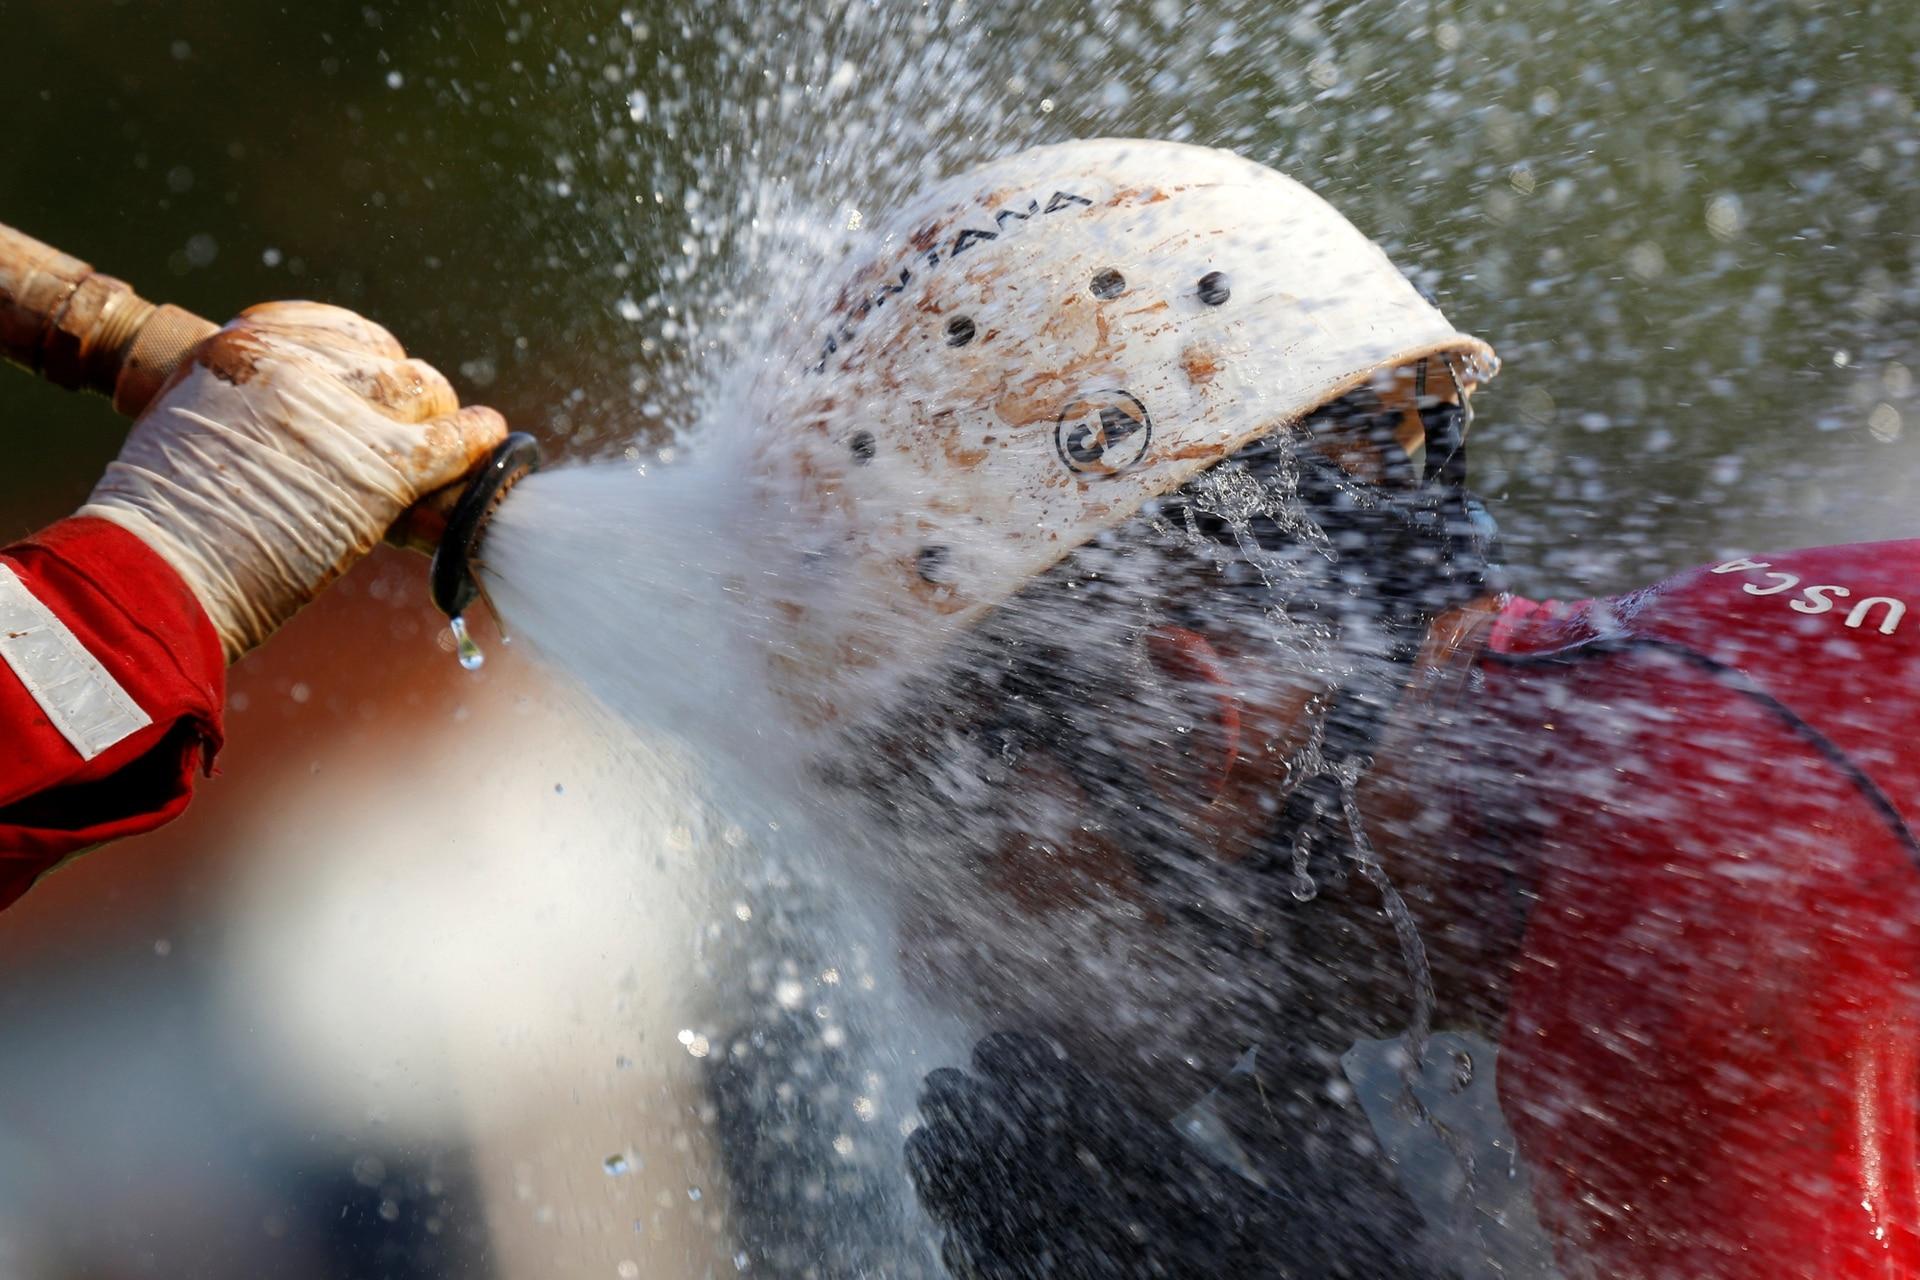 Rocían con agua a un miembro del equipo de rescate para eliminar el lodo, al regresar de la misión, luego del colapso de un depósito de relaves propiedad de la empresa minera brasileña Vale SA, en Brumadinho, Brasil, el 27 de enero.